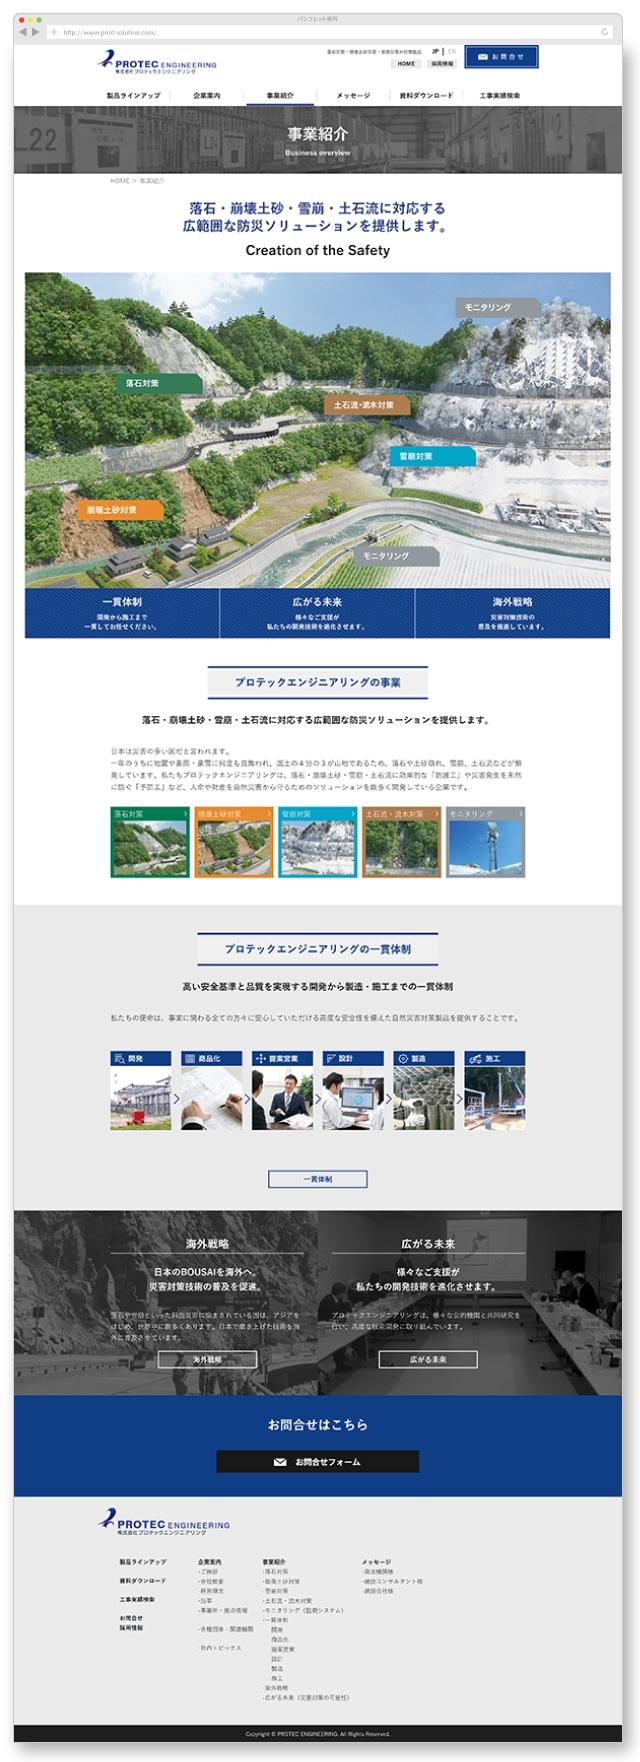 事業紹介カテゴリーのTOPページデザイン